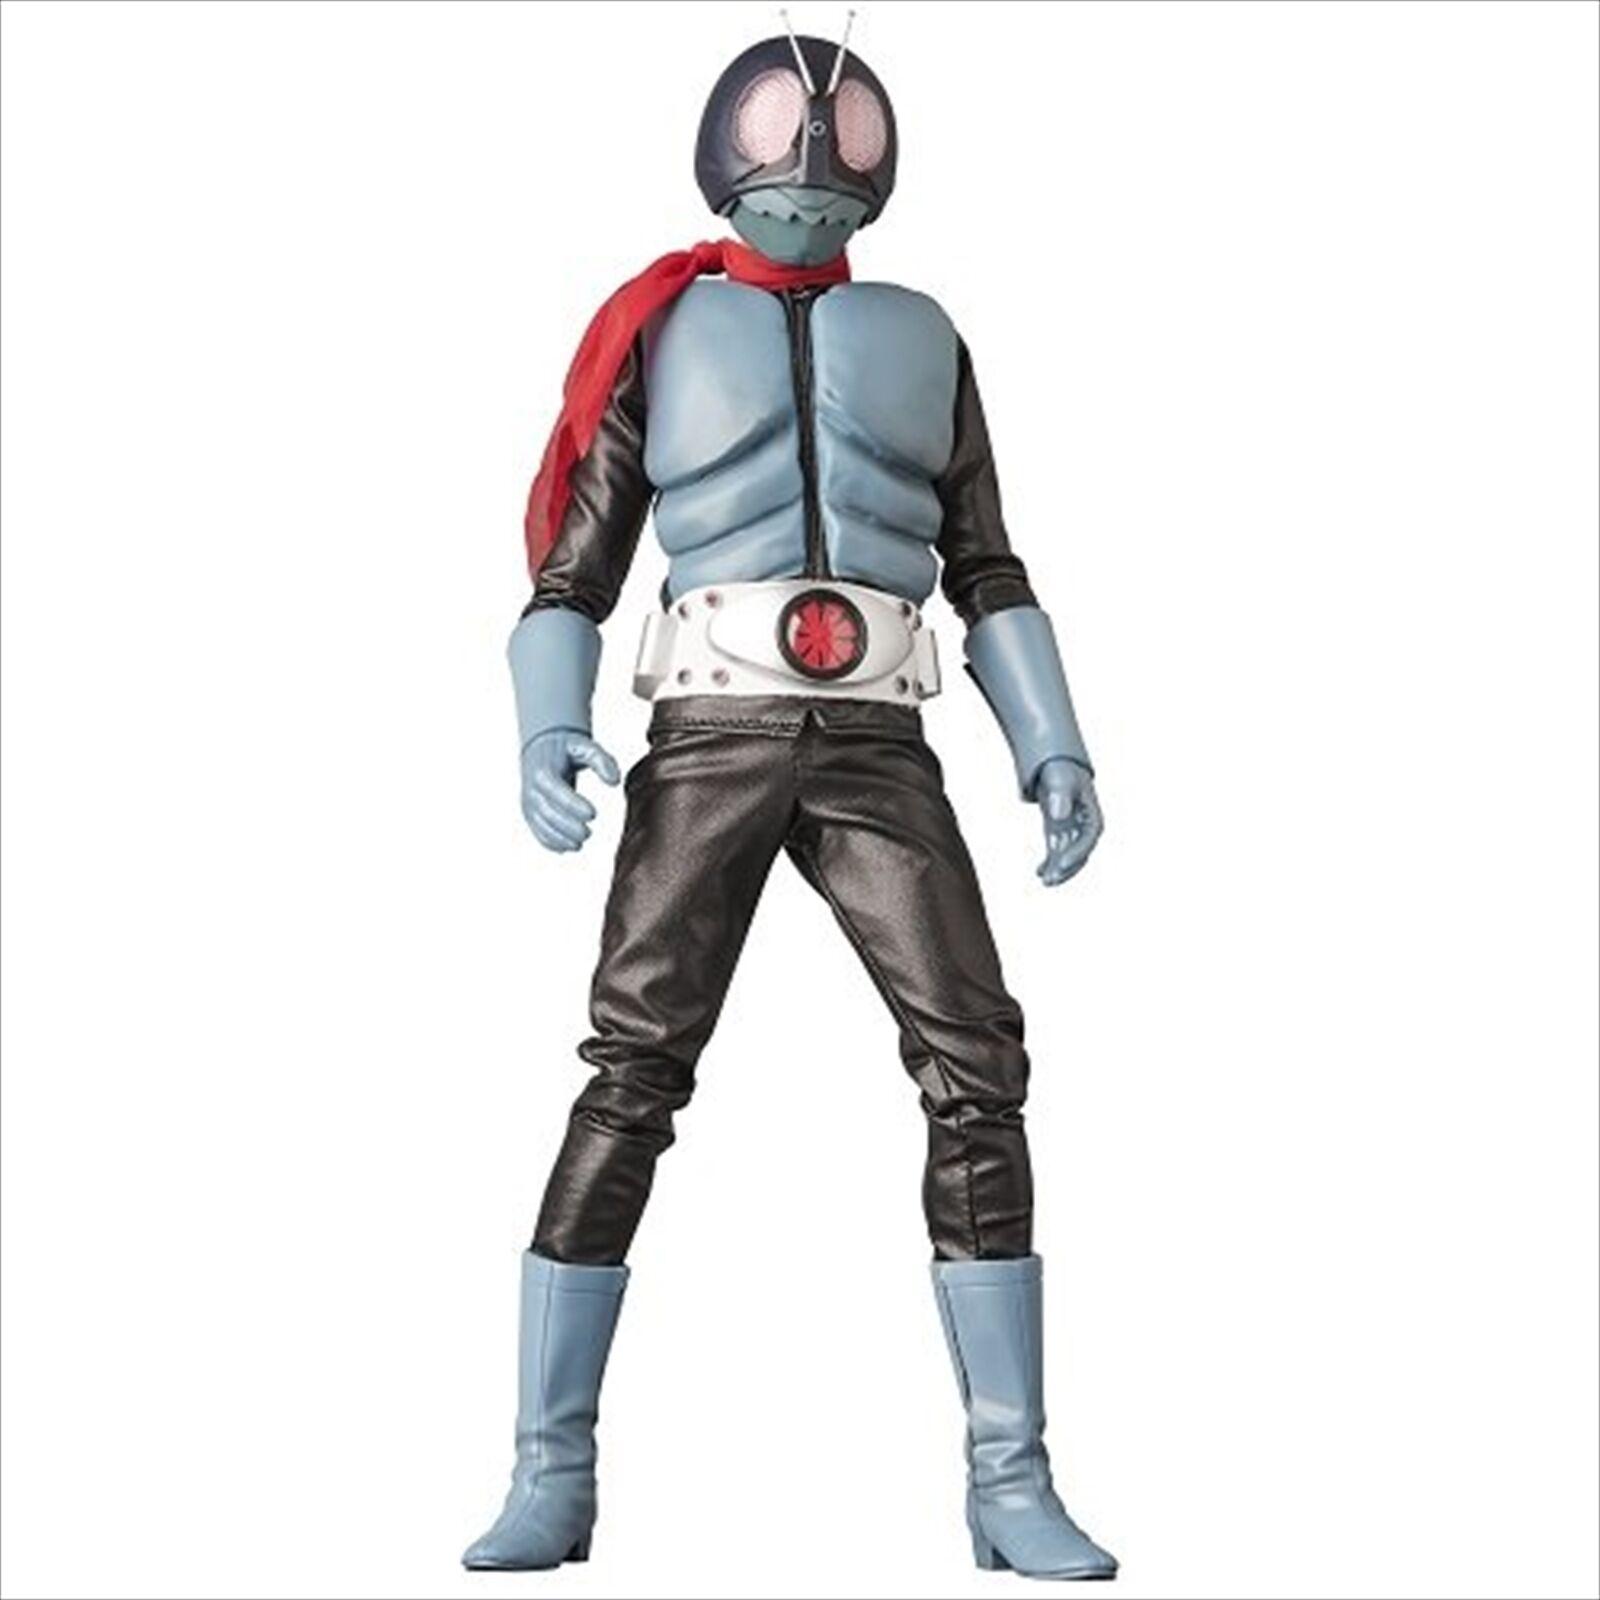 Medicom 1/6 Real Action Heroes RAH Kamen Rider Former Rider 1 Ultimate Edition